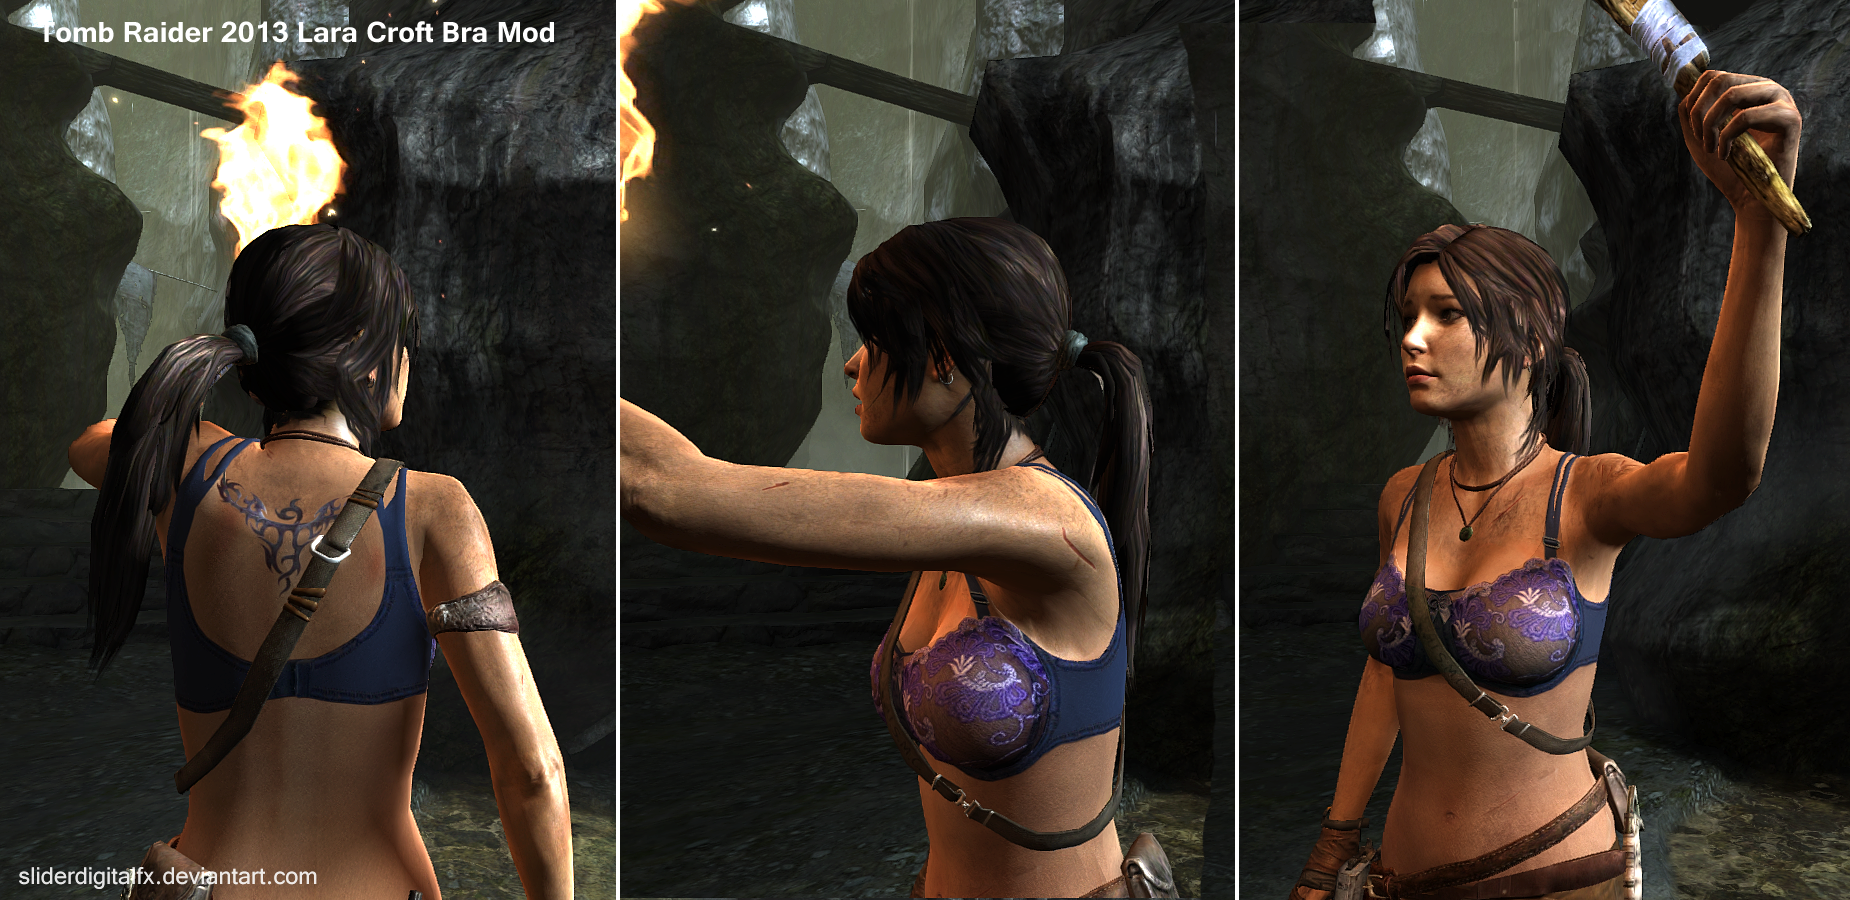 Скачать моды для tomb raider